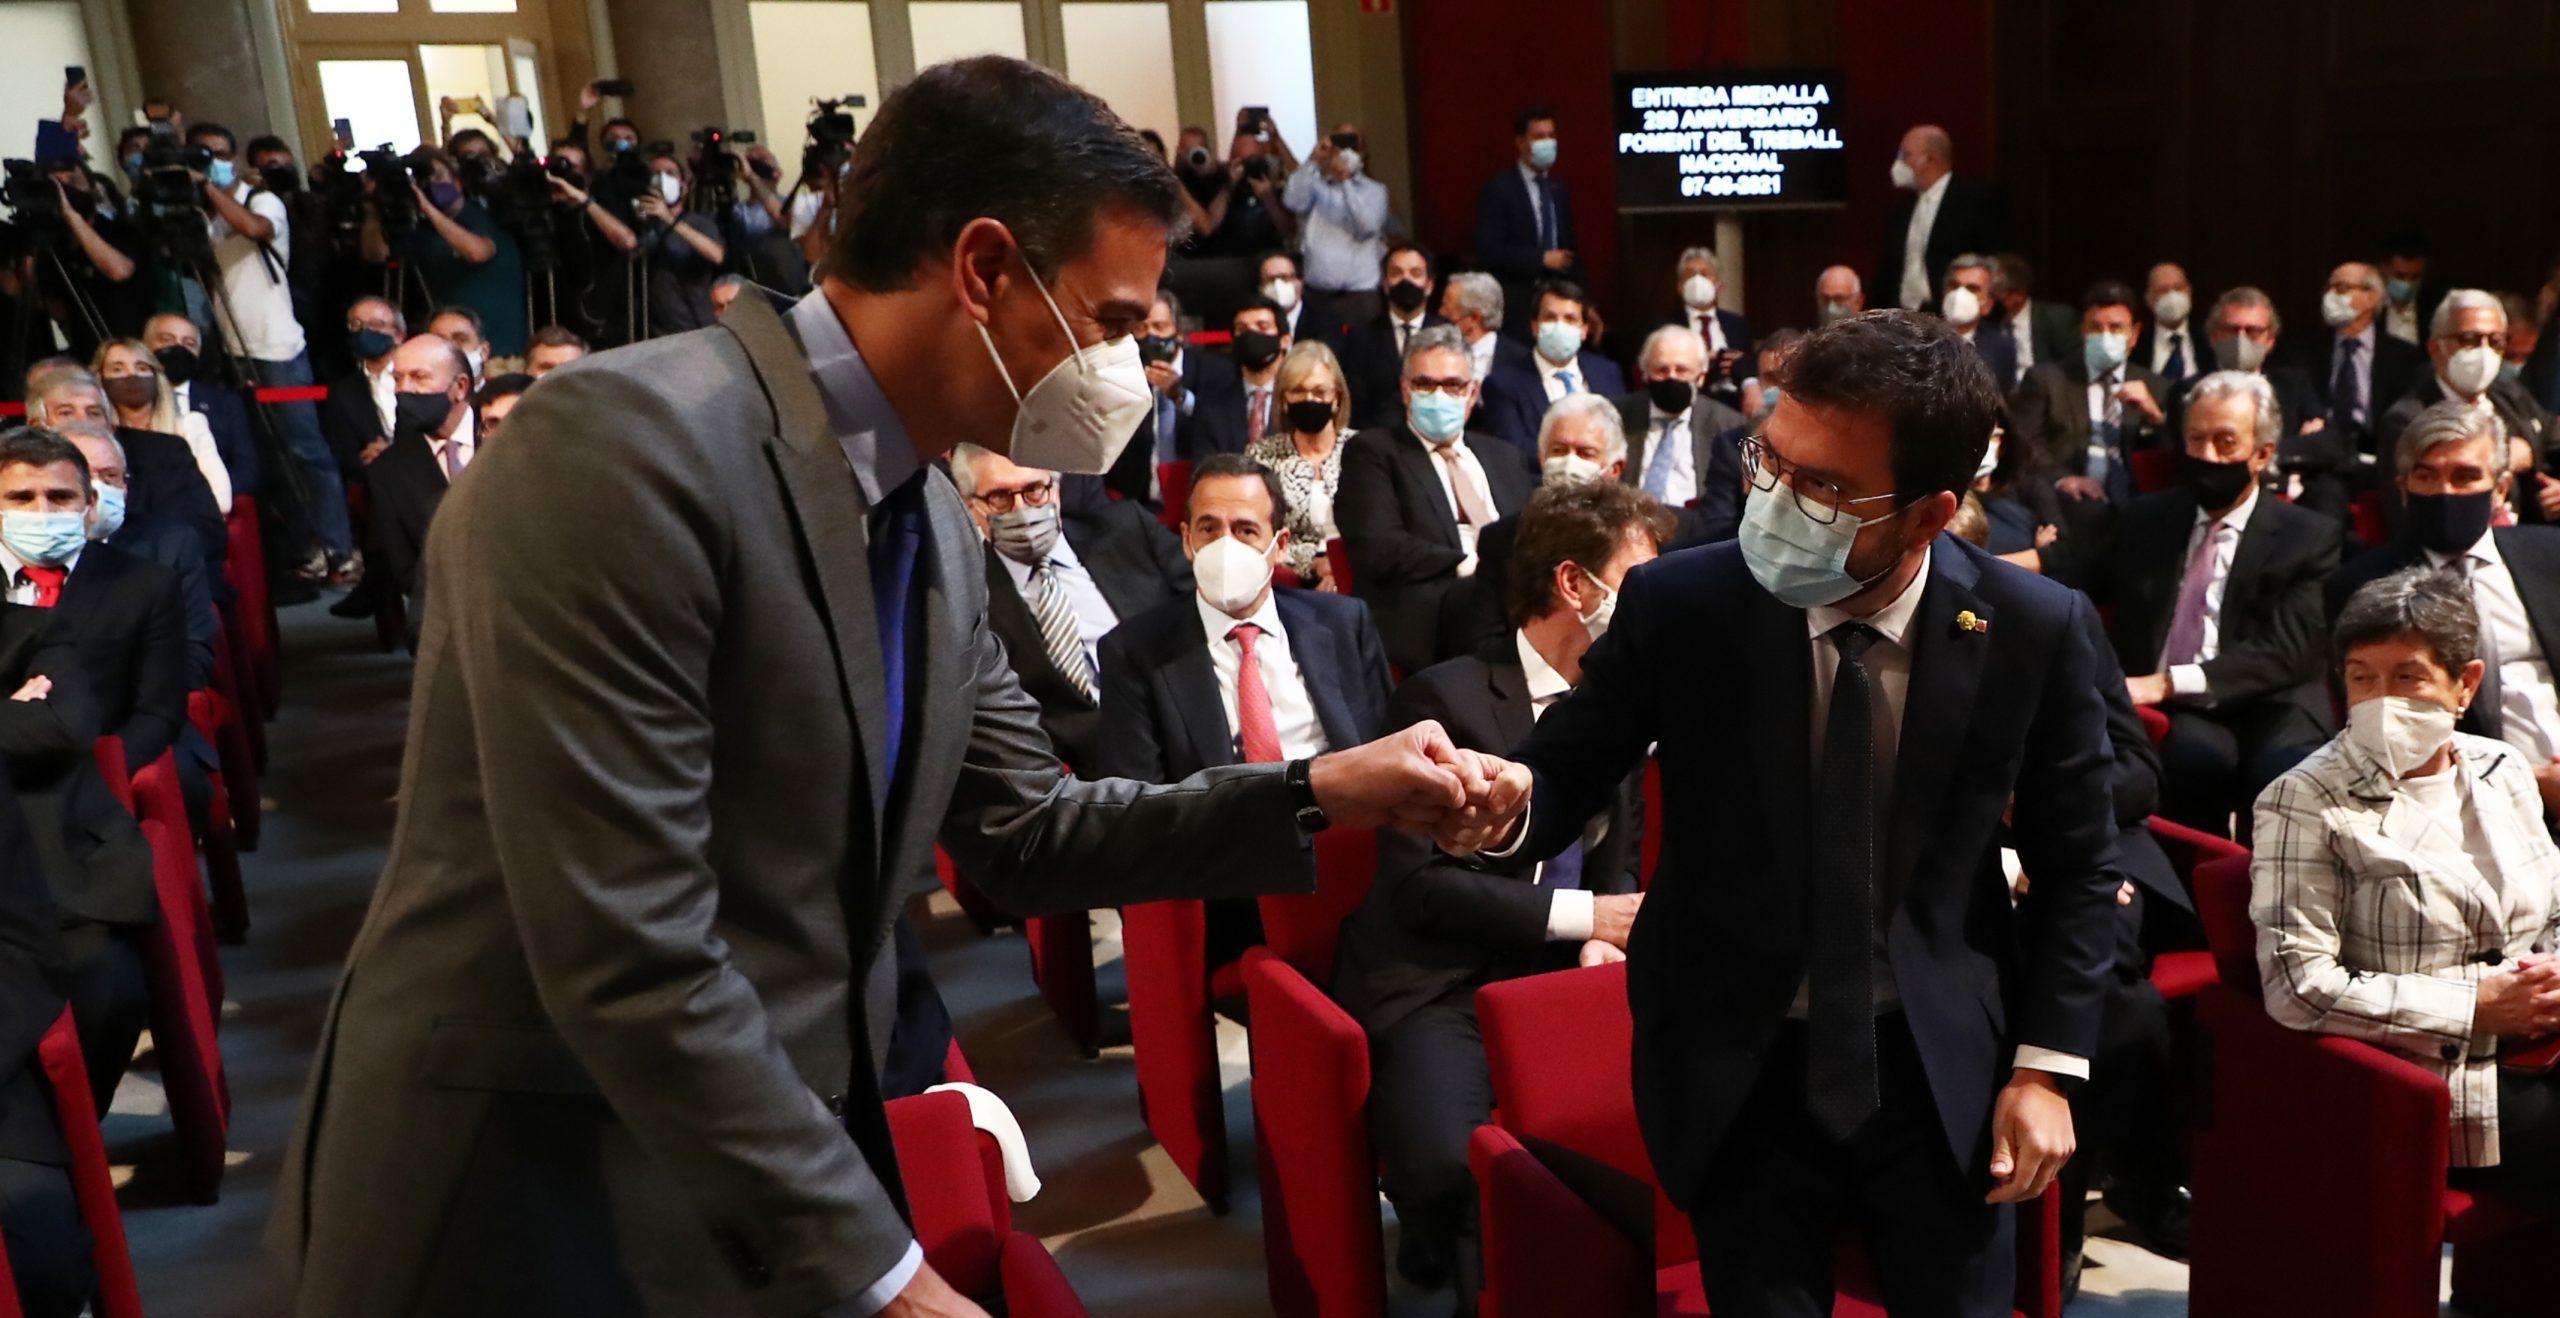 El president espanyol, Pedro Sánchez, i el de la Generalitat, Pere Aragonès, saludant-se amb el puny el 7 de juny de 2021 (ACN)